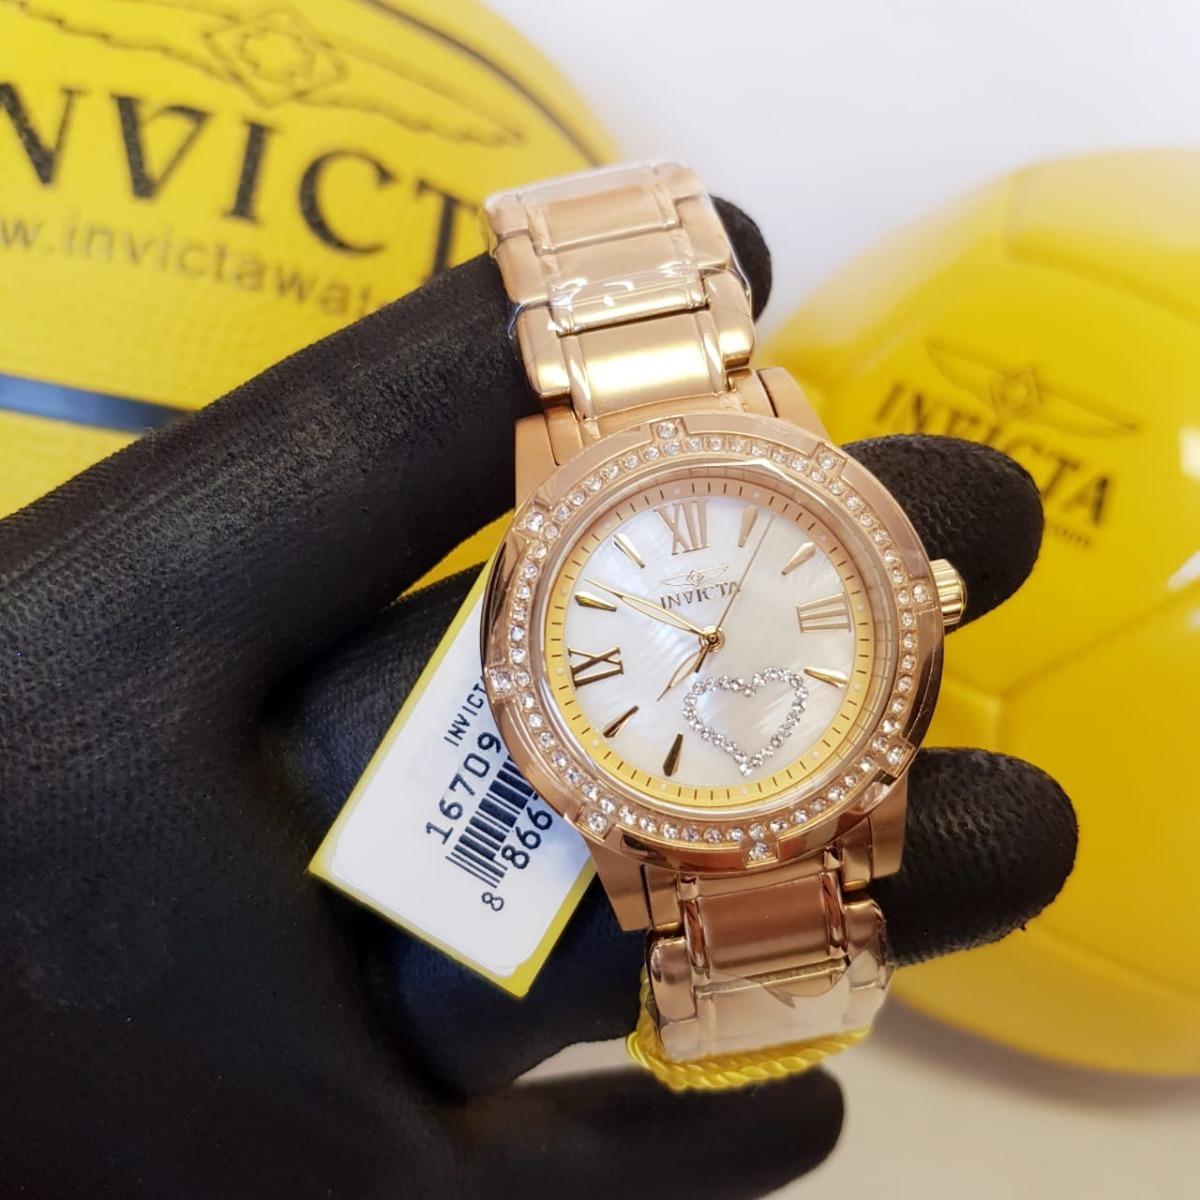 681e969db09 relógio invicta angel feminino 16709 original banho ouro 18k. Carregando  zoom.